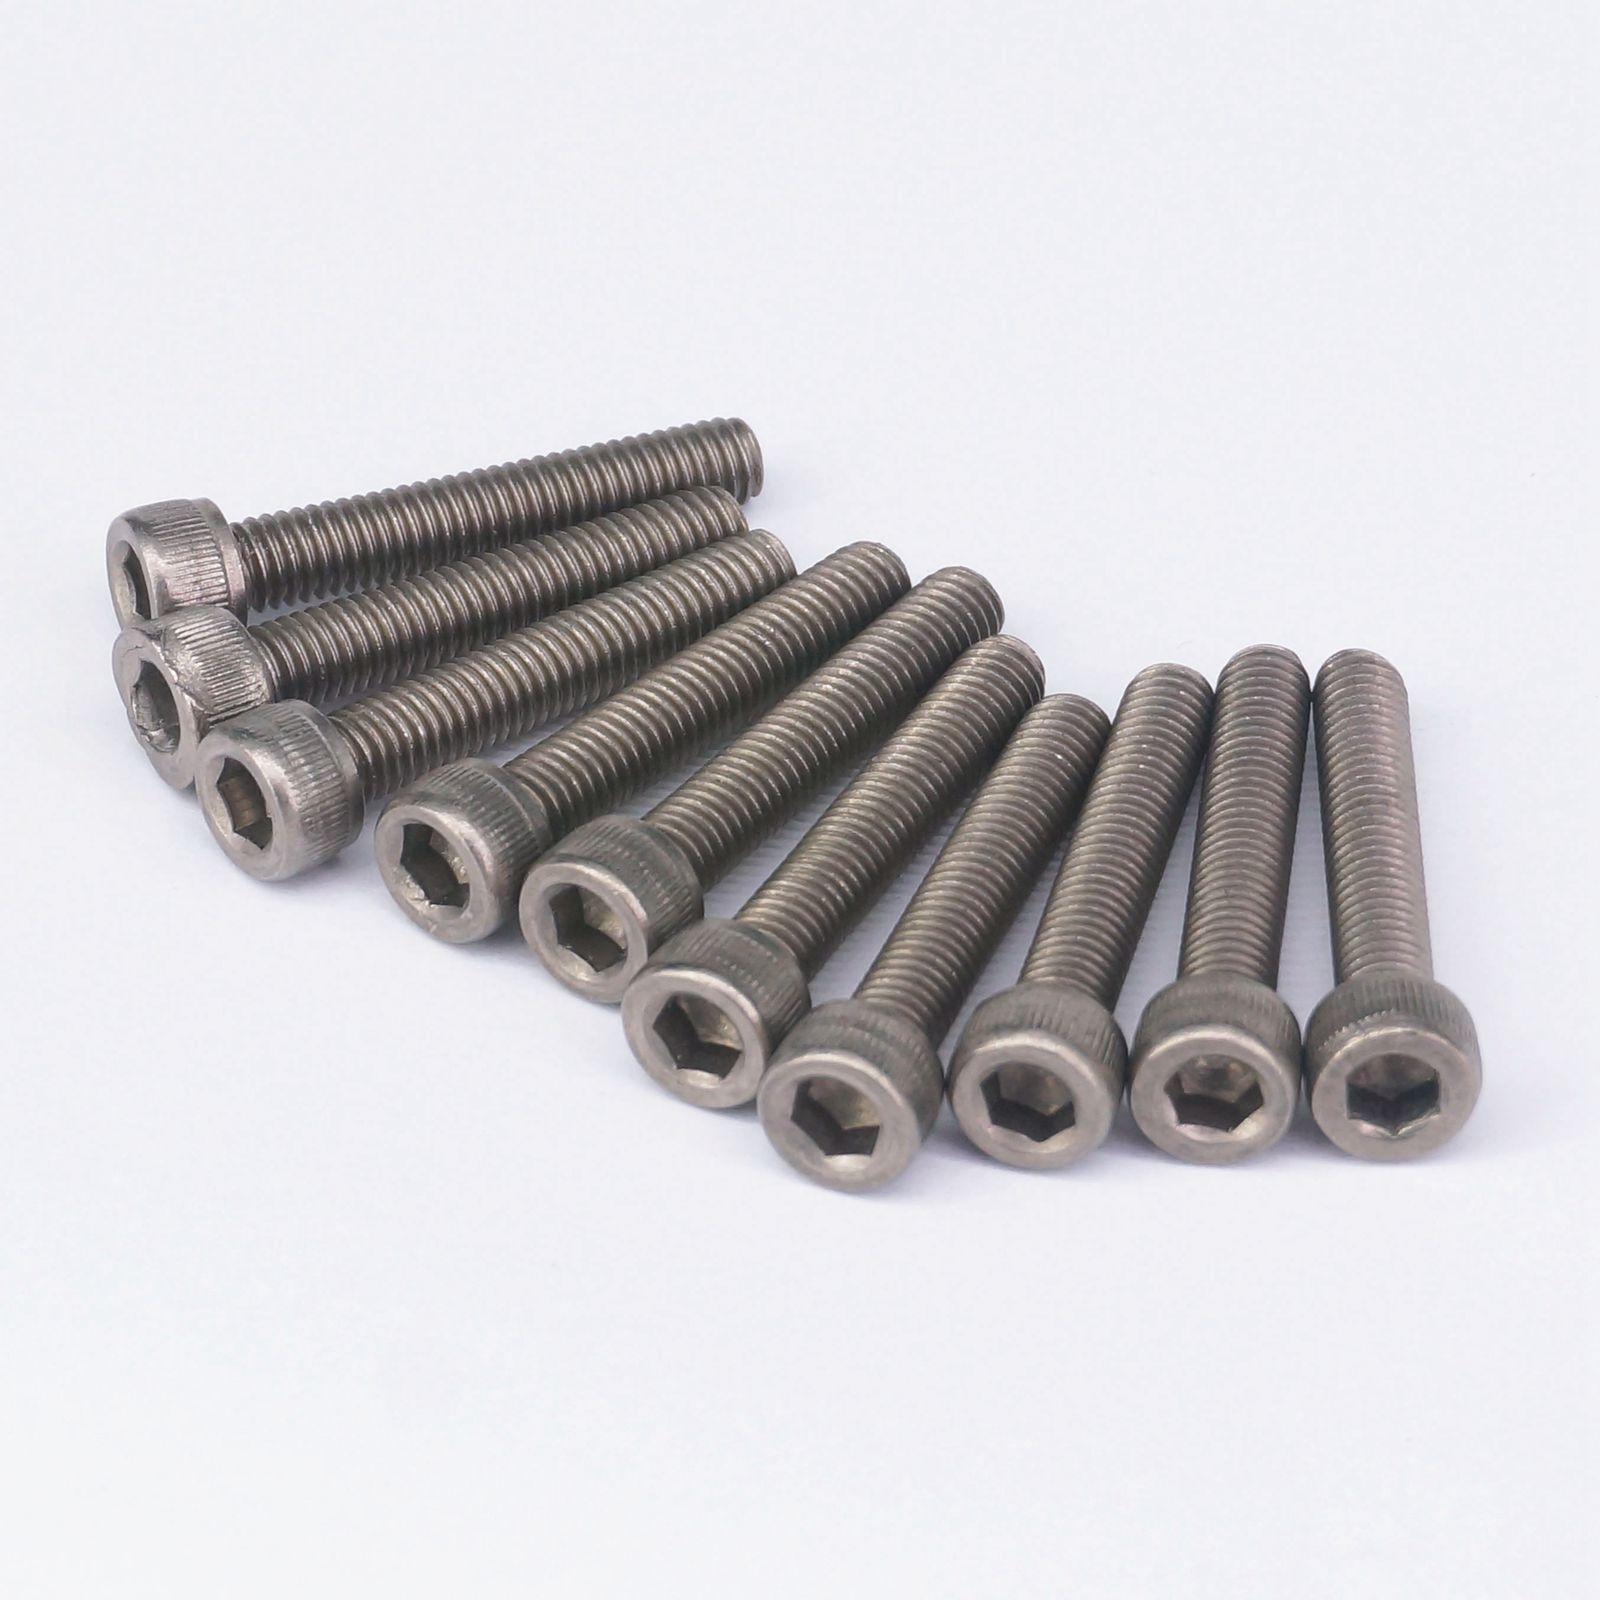 LOT 5 M10 x 35mm GR2 Titanium Hex Socket Head Cap Screw Bolt Anti Acid Corrosion